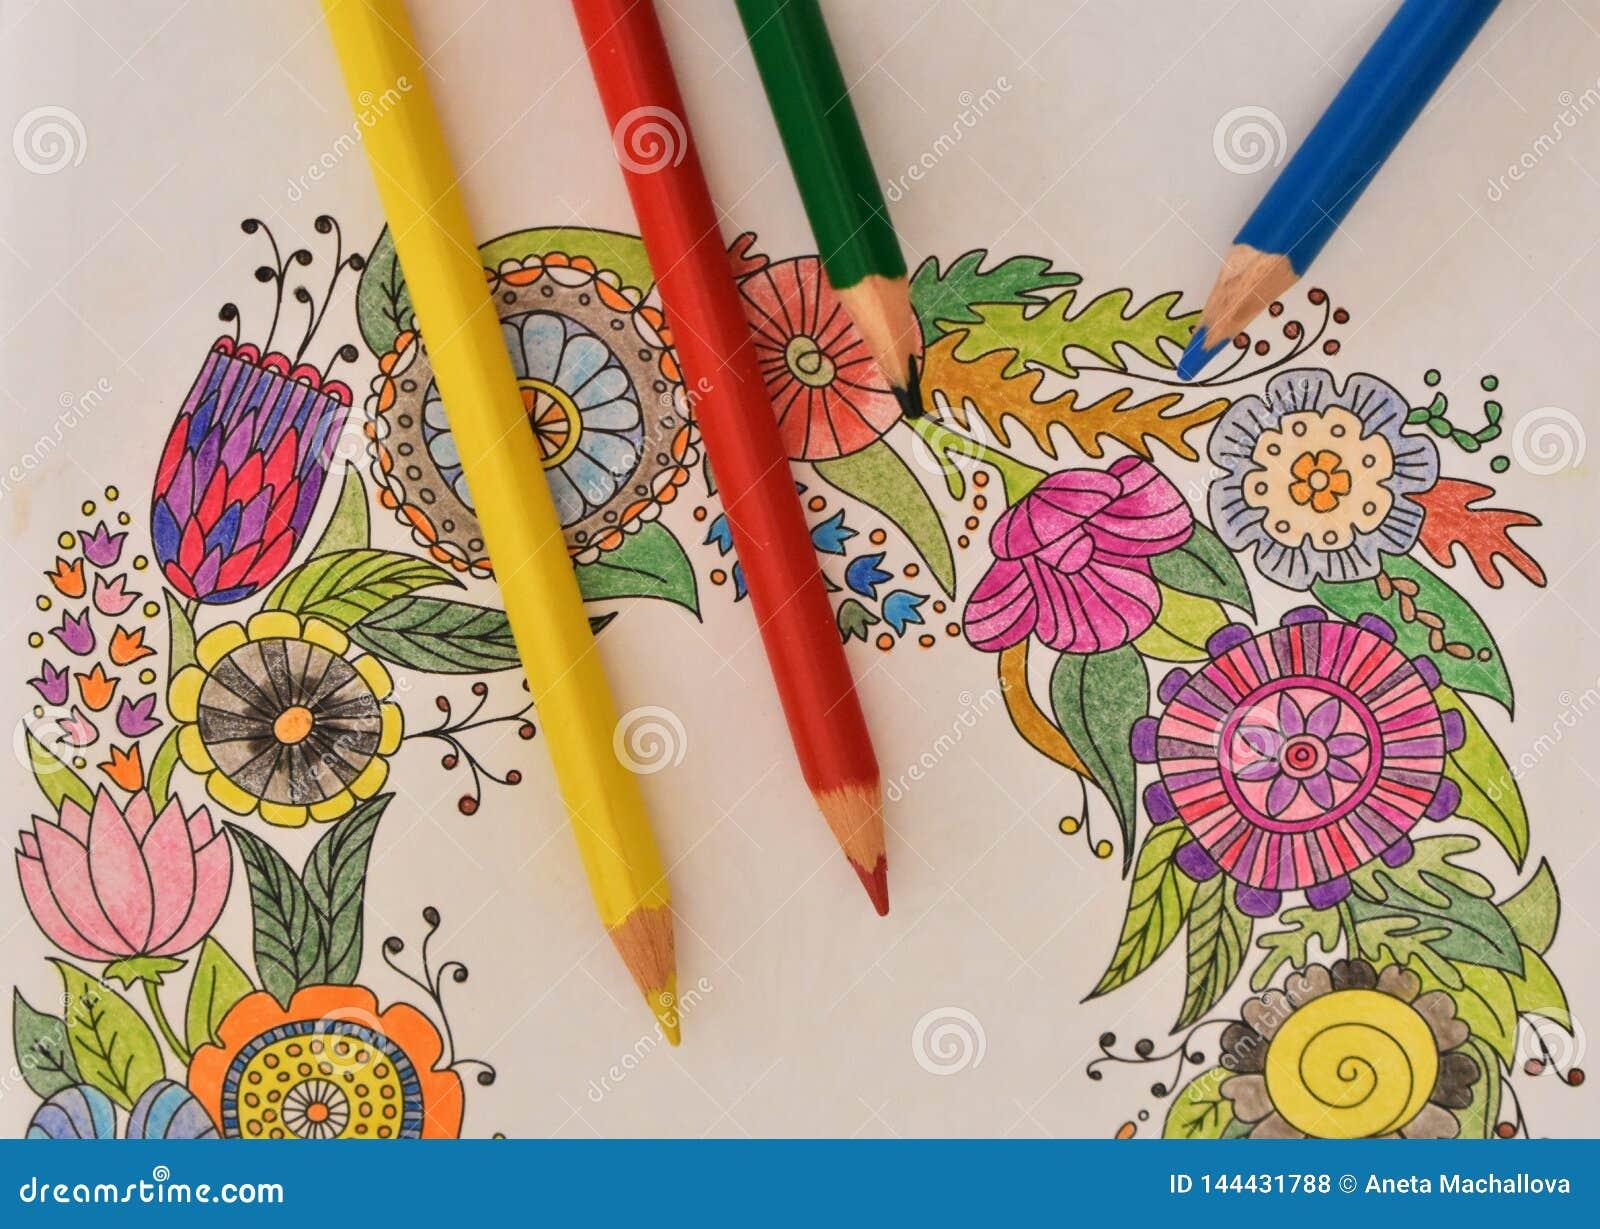 Muitos lápis coloridos no livro para colorir - arco-íris colorido